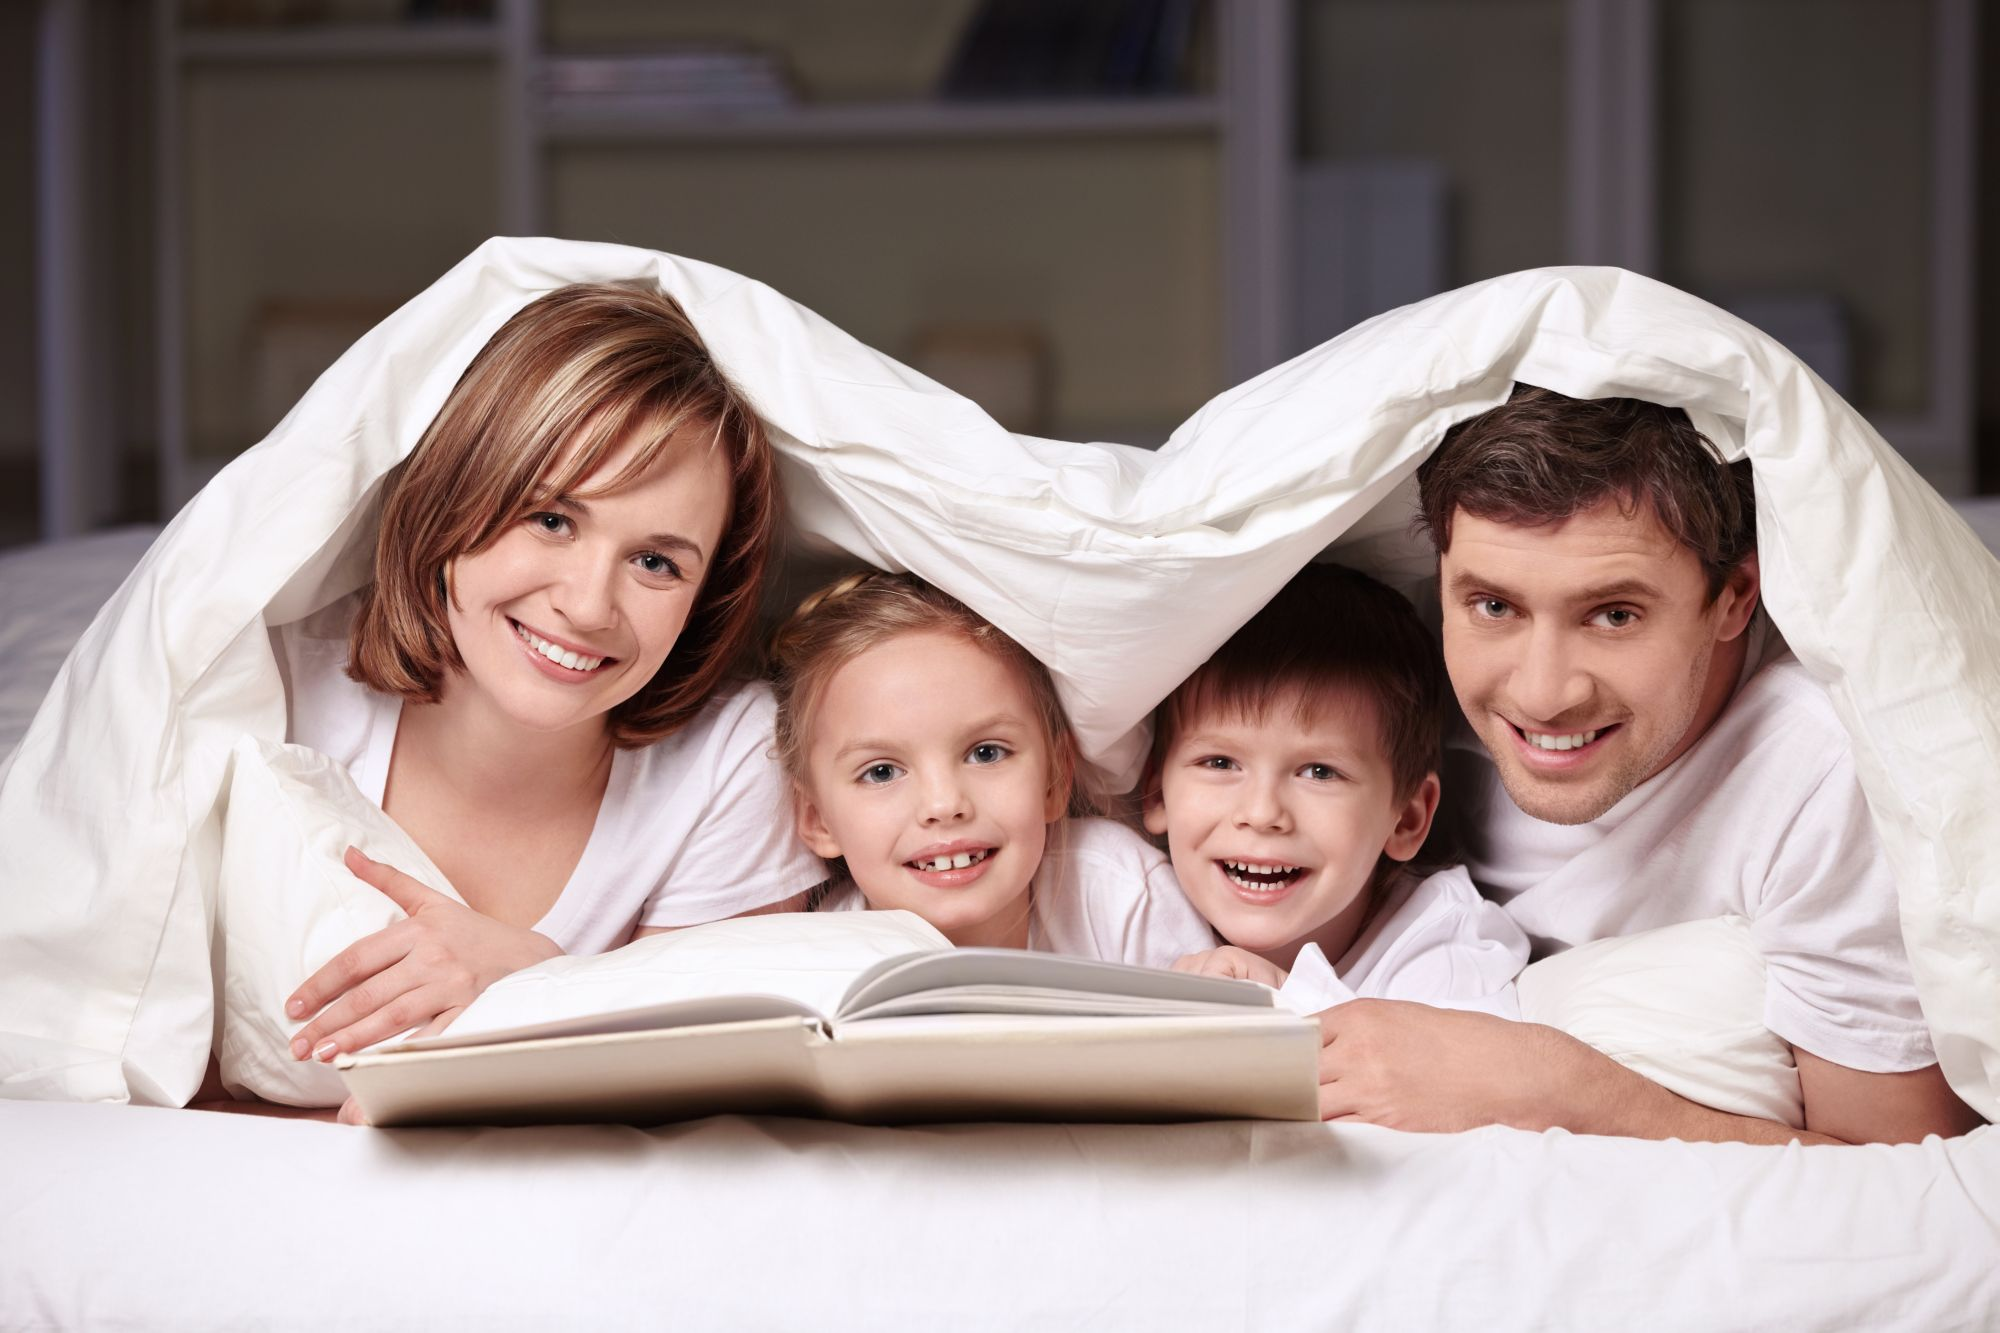 Сын спрятился под кровать мамы 12 фотография